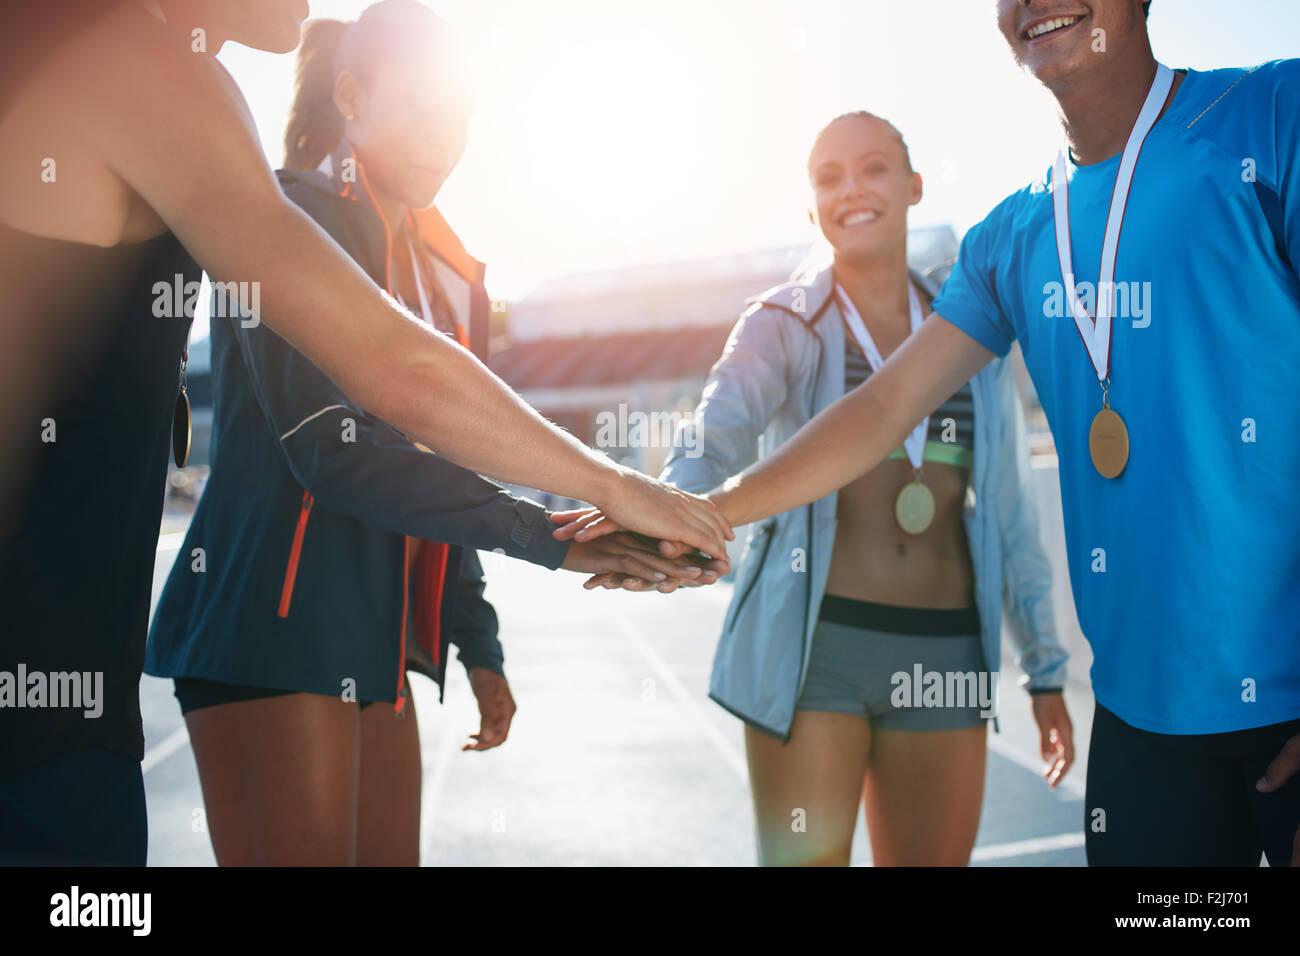 Inquadratura di un gruppo di giovani sportivi con medaglie accumulando le loro mani mentre in piedi in un huddle. Immagini Stock